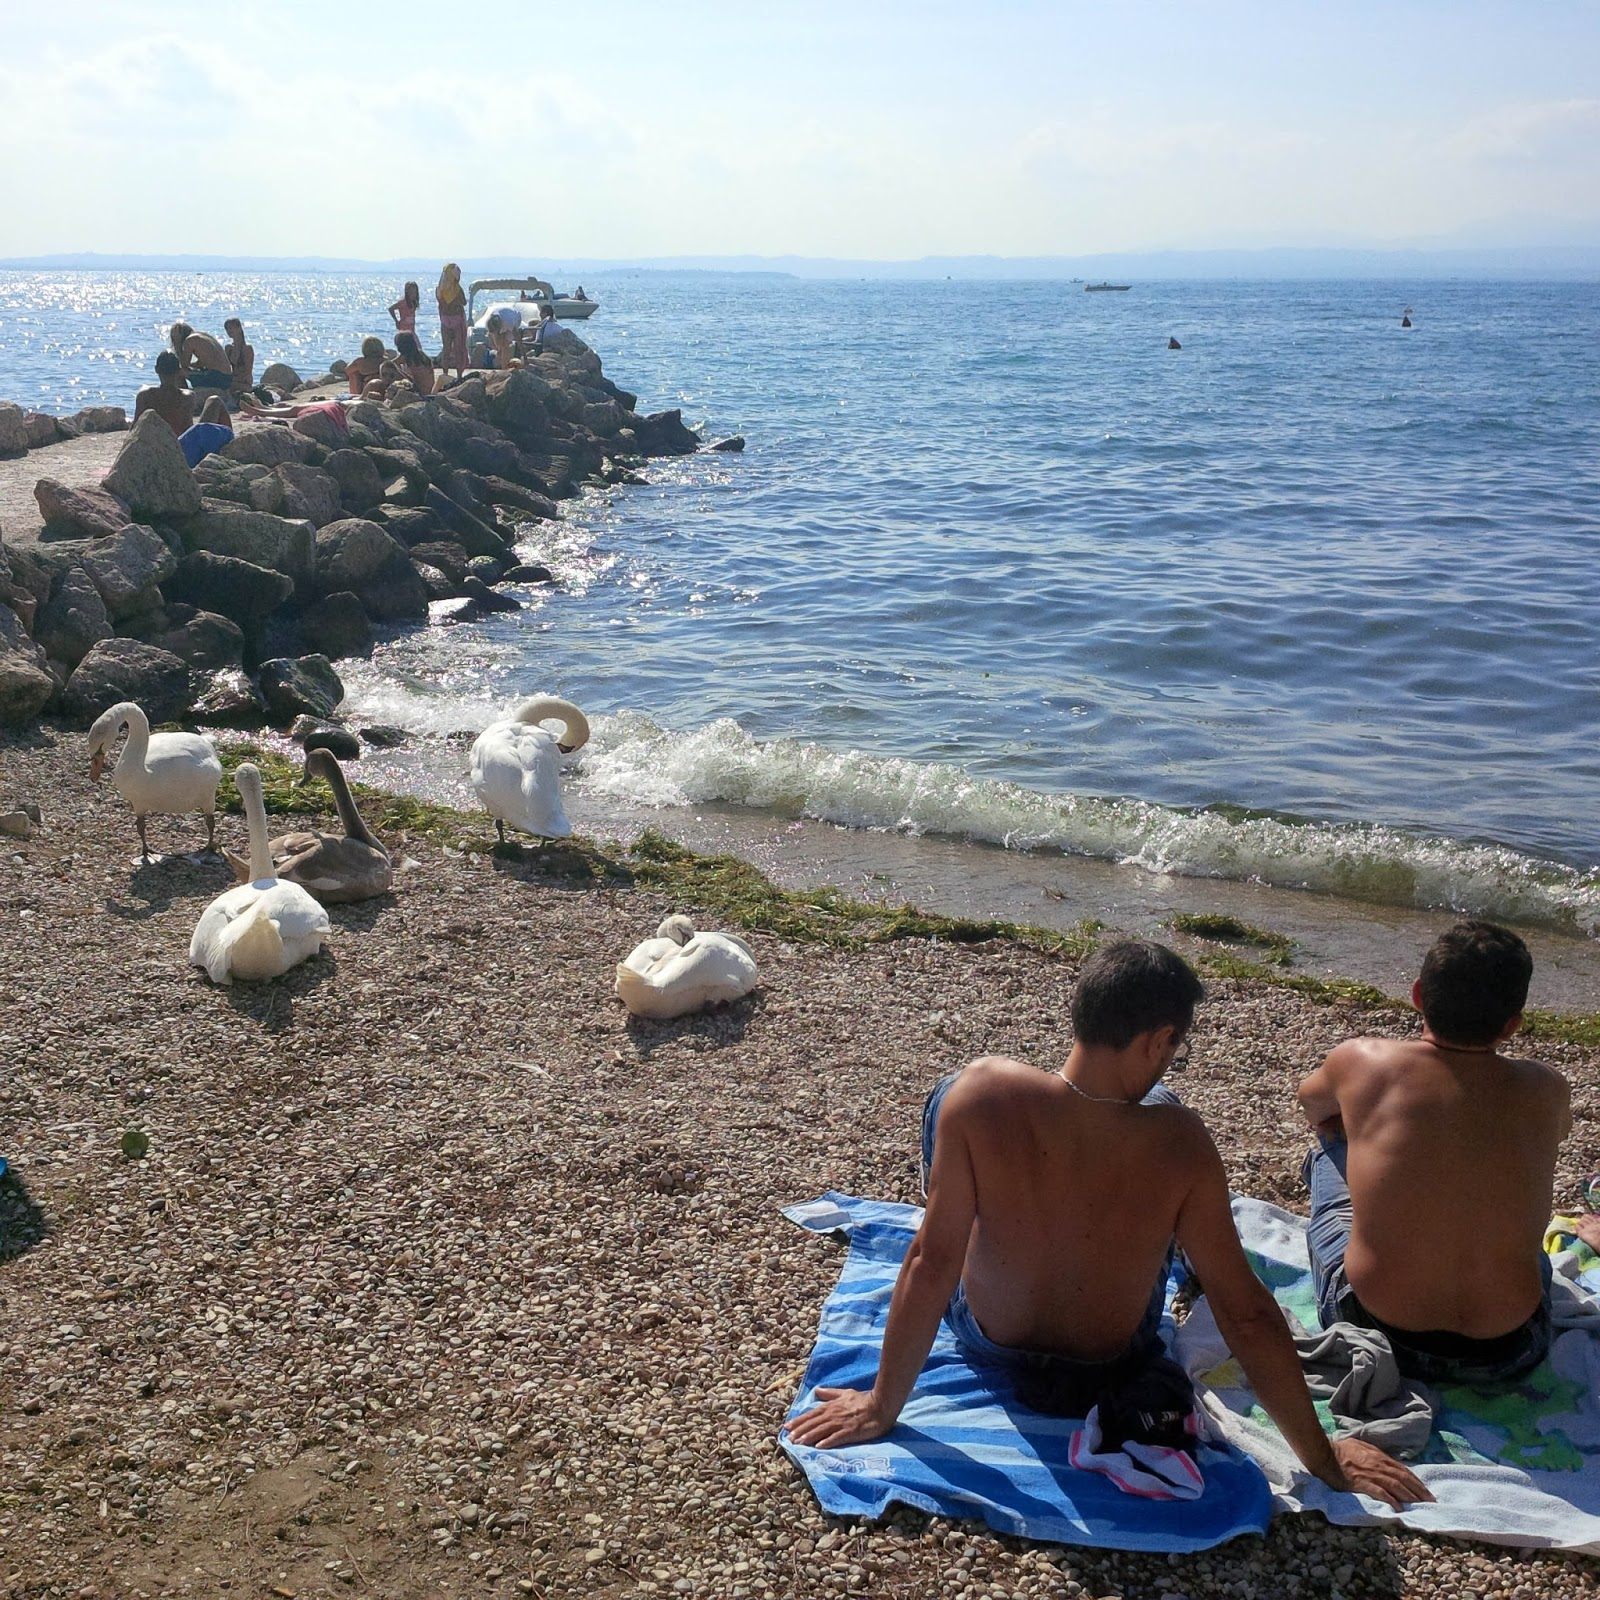 Men and swans sunbathe in Lazise, Veneto, Italy